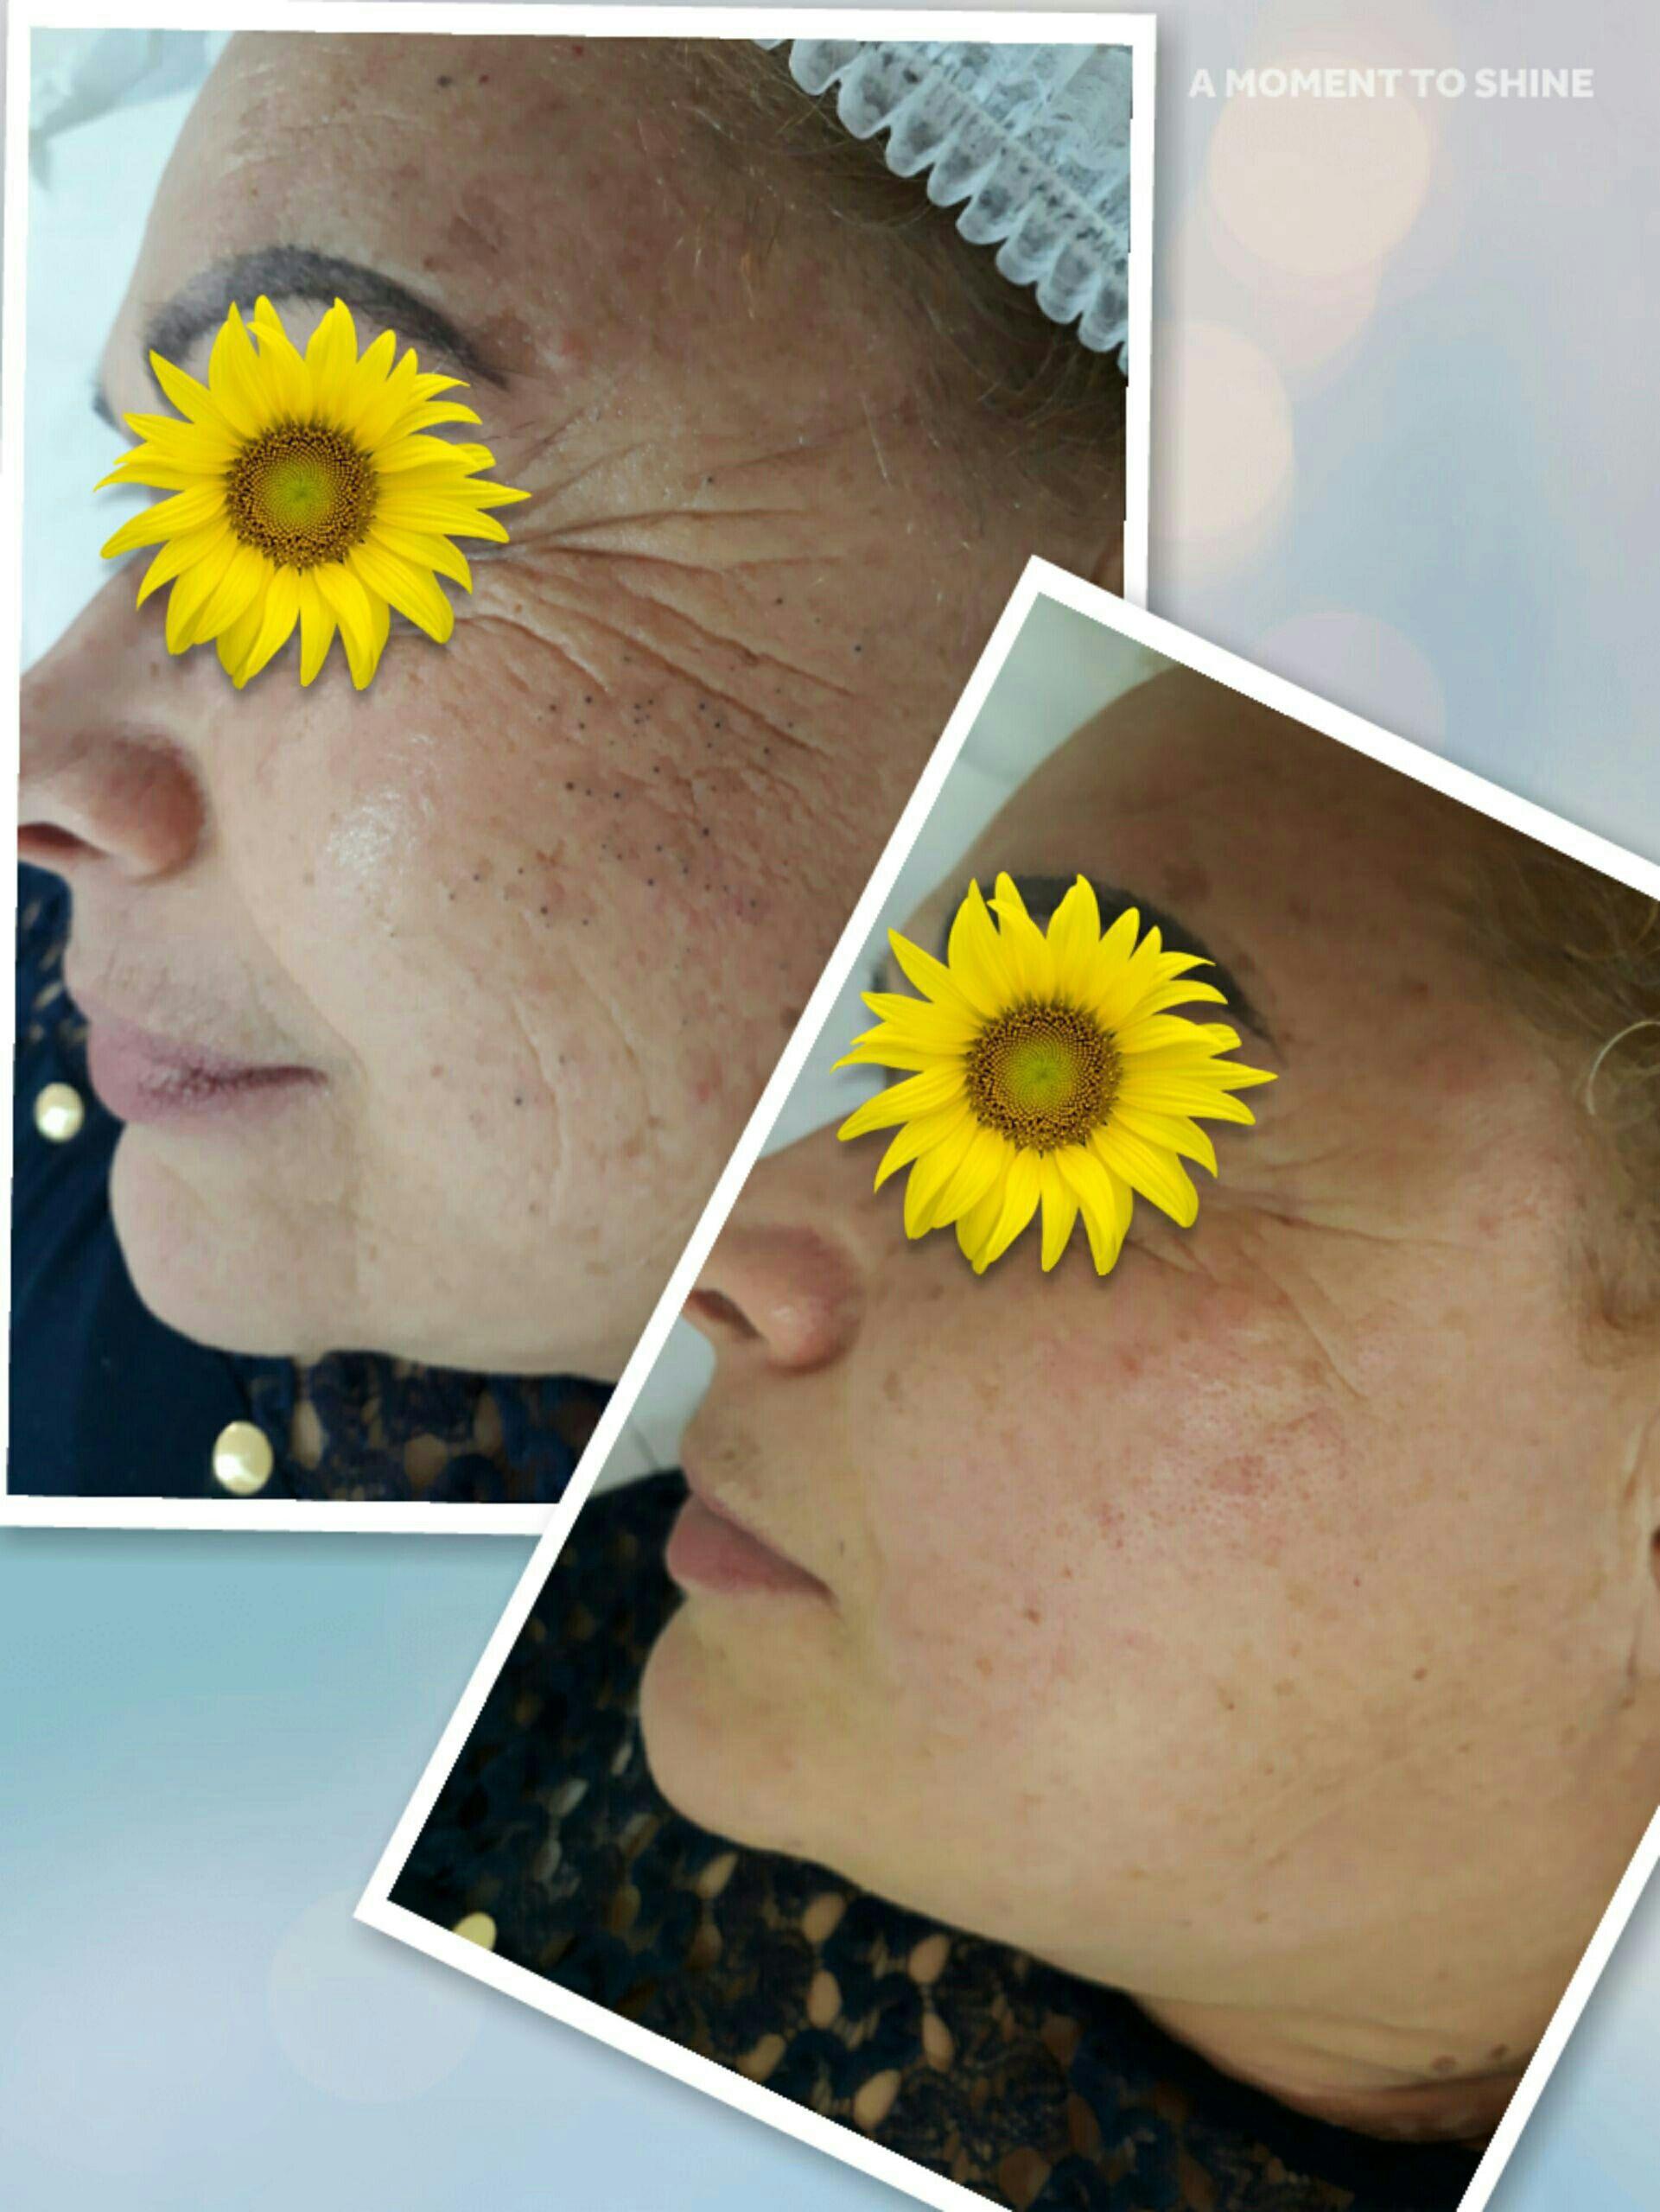 Limpeza de pele com extração de cravos e peeling inibidor enzimatico estética esteticista depilador(a) designer de sobrancelhas micropigmentador(a)